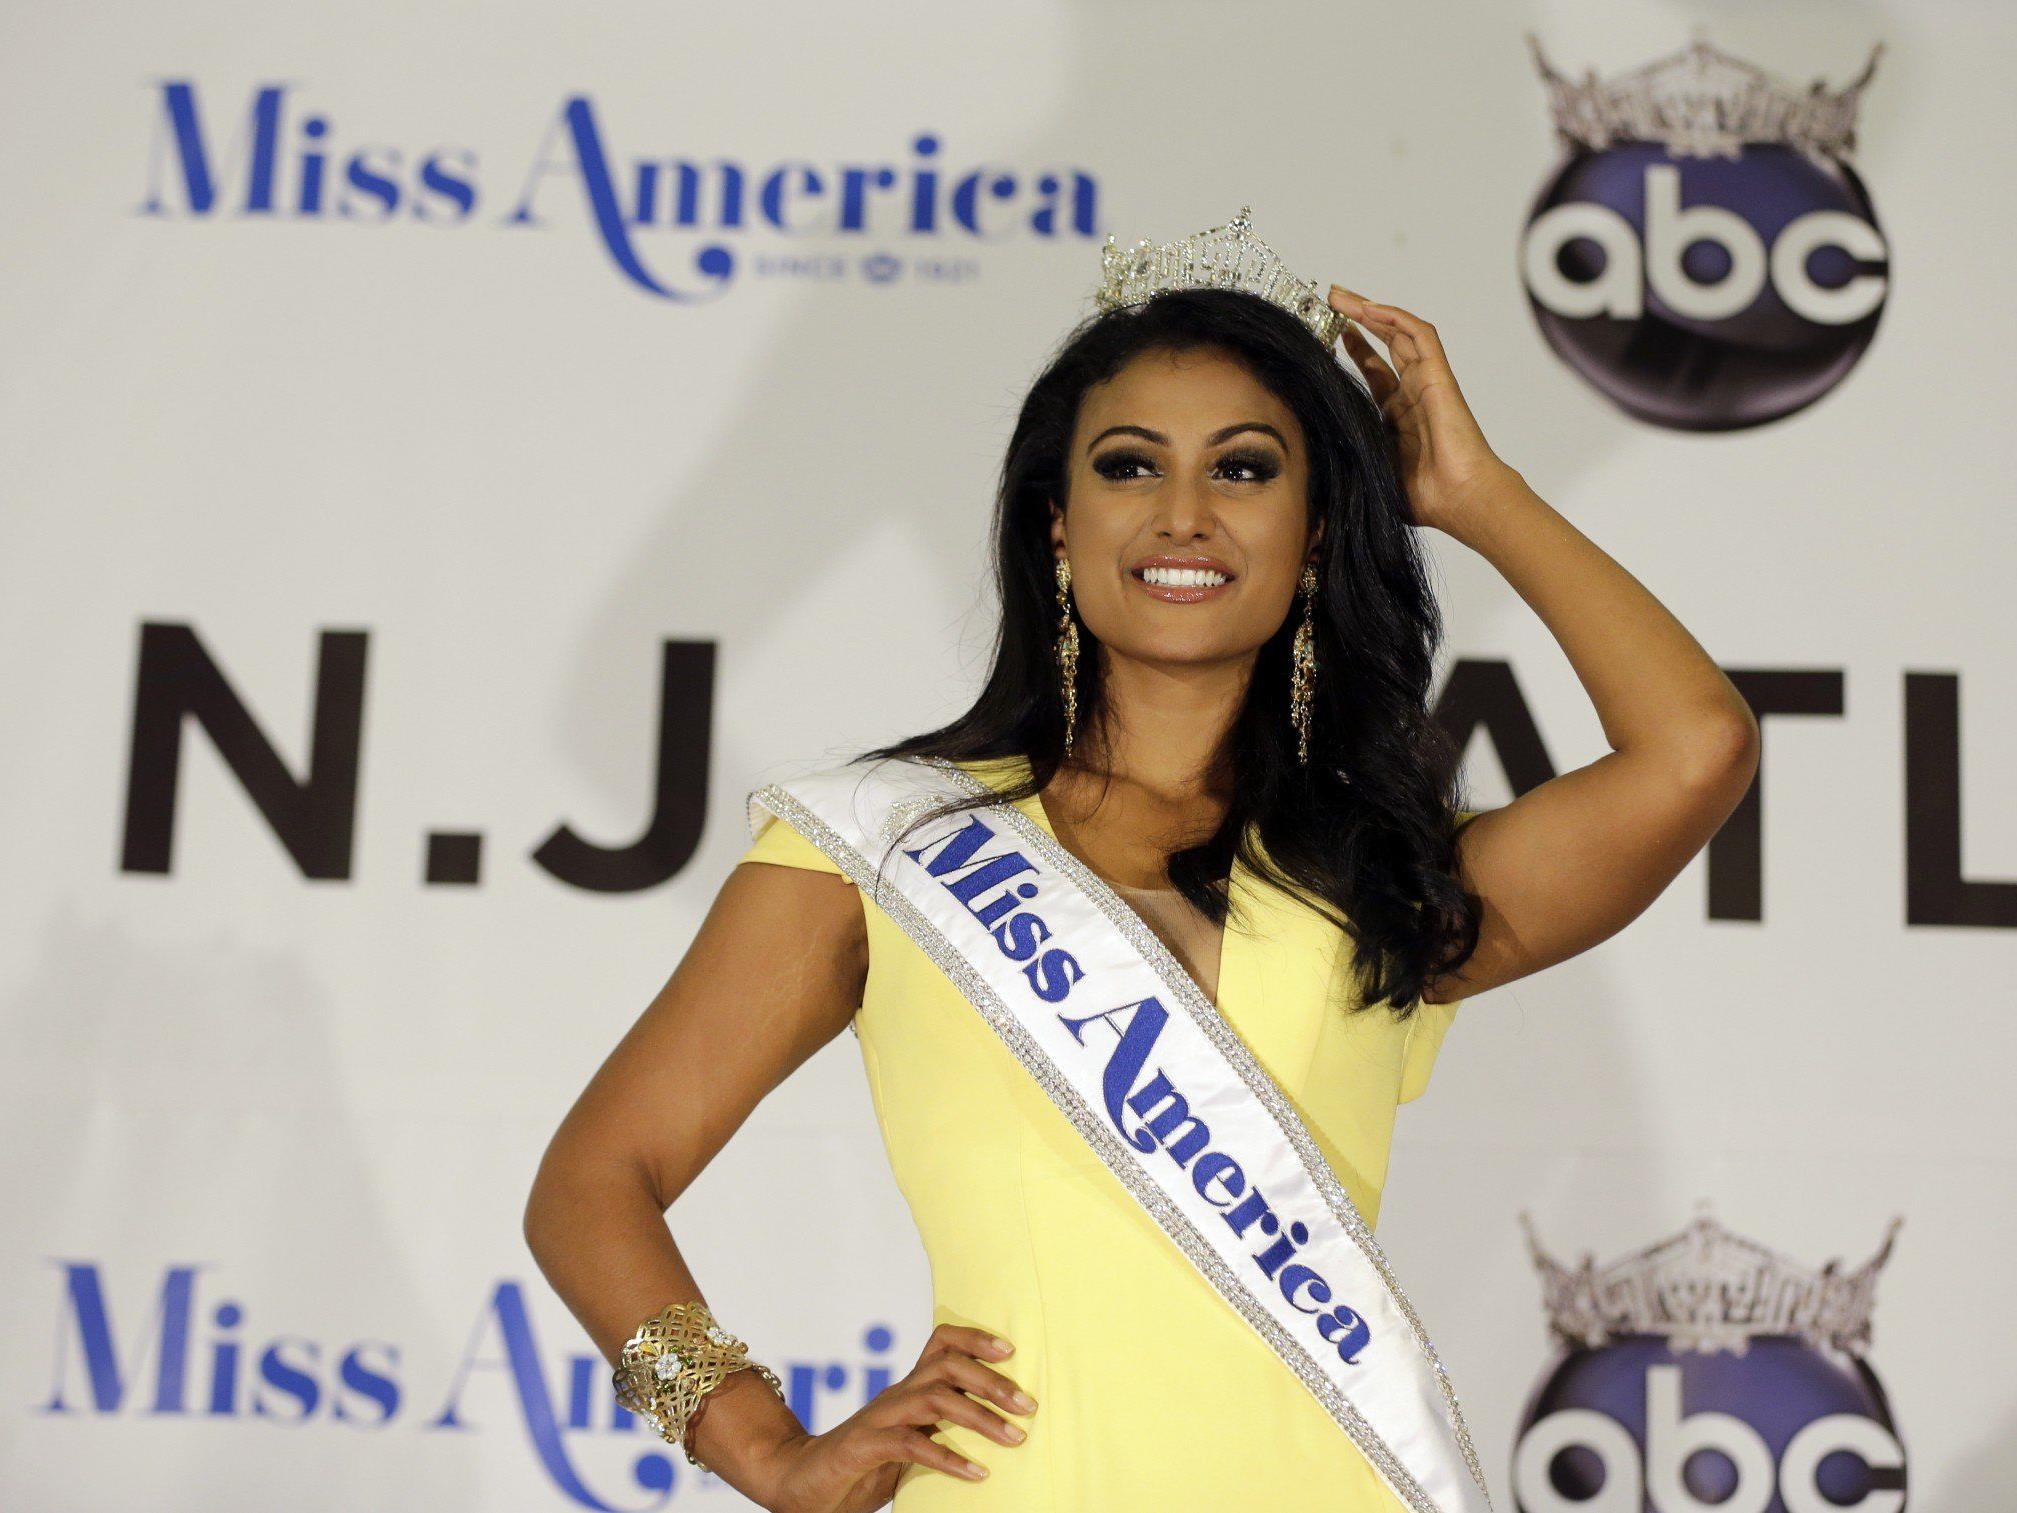 Am Sonntag, 15. September, wurde in Atlantic City die neue Miss America gekürt, gewonnen hat Nina Davuluri aus New York.